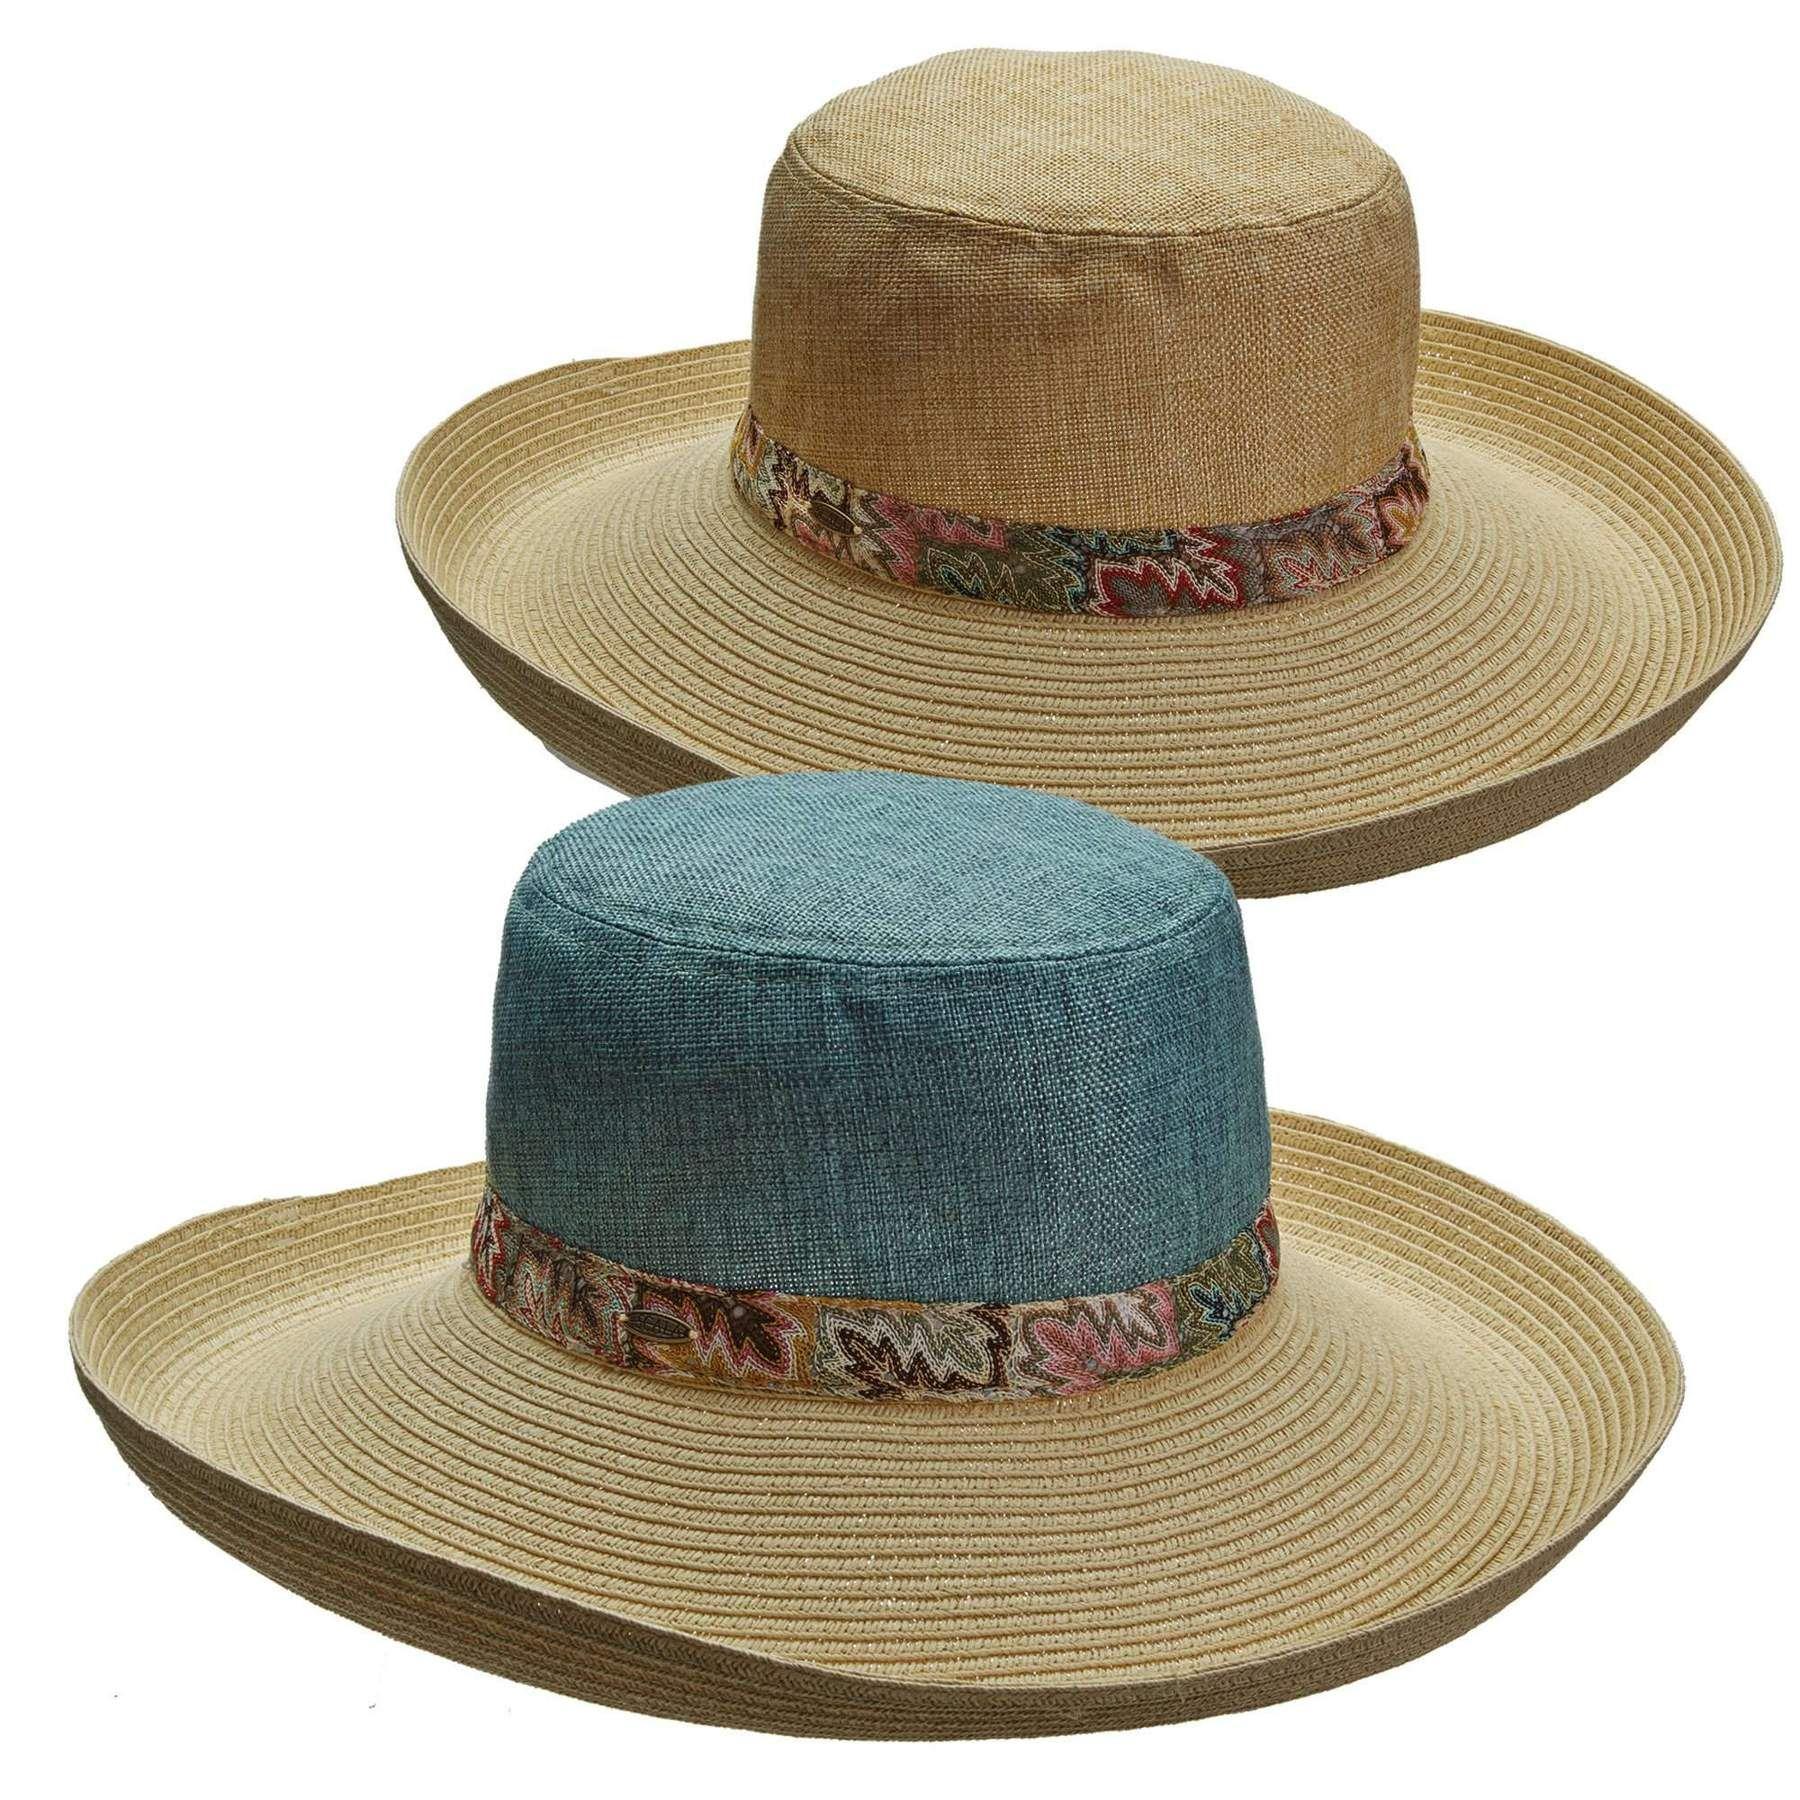 d3b24be92e910 Upturned Brim Linen Crown Summer Hat by Callanan — SetarTrading Hats